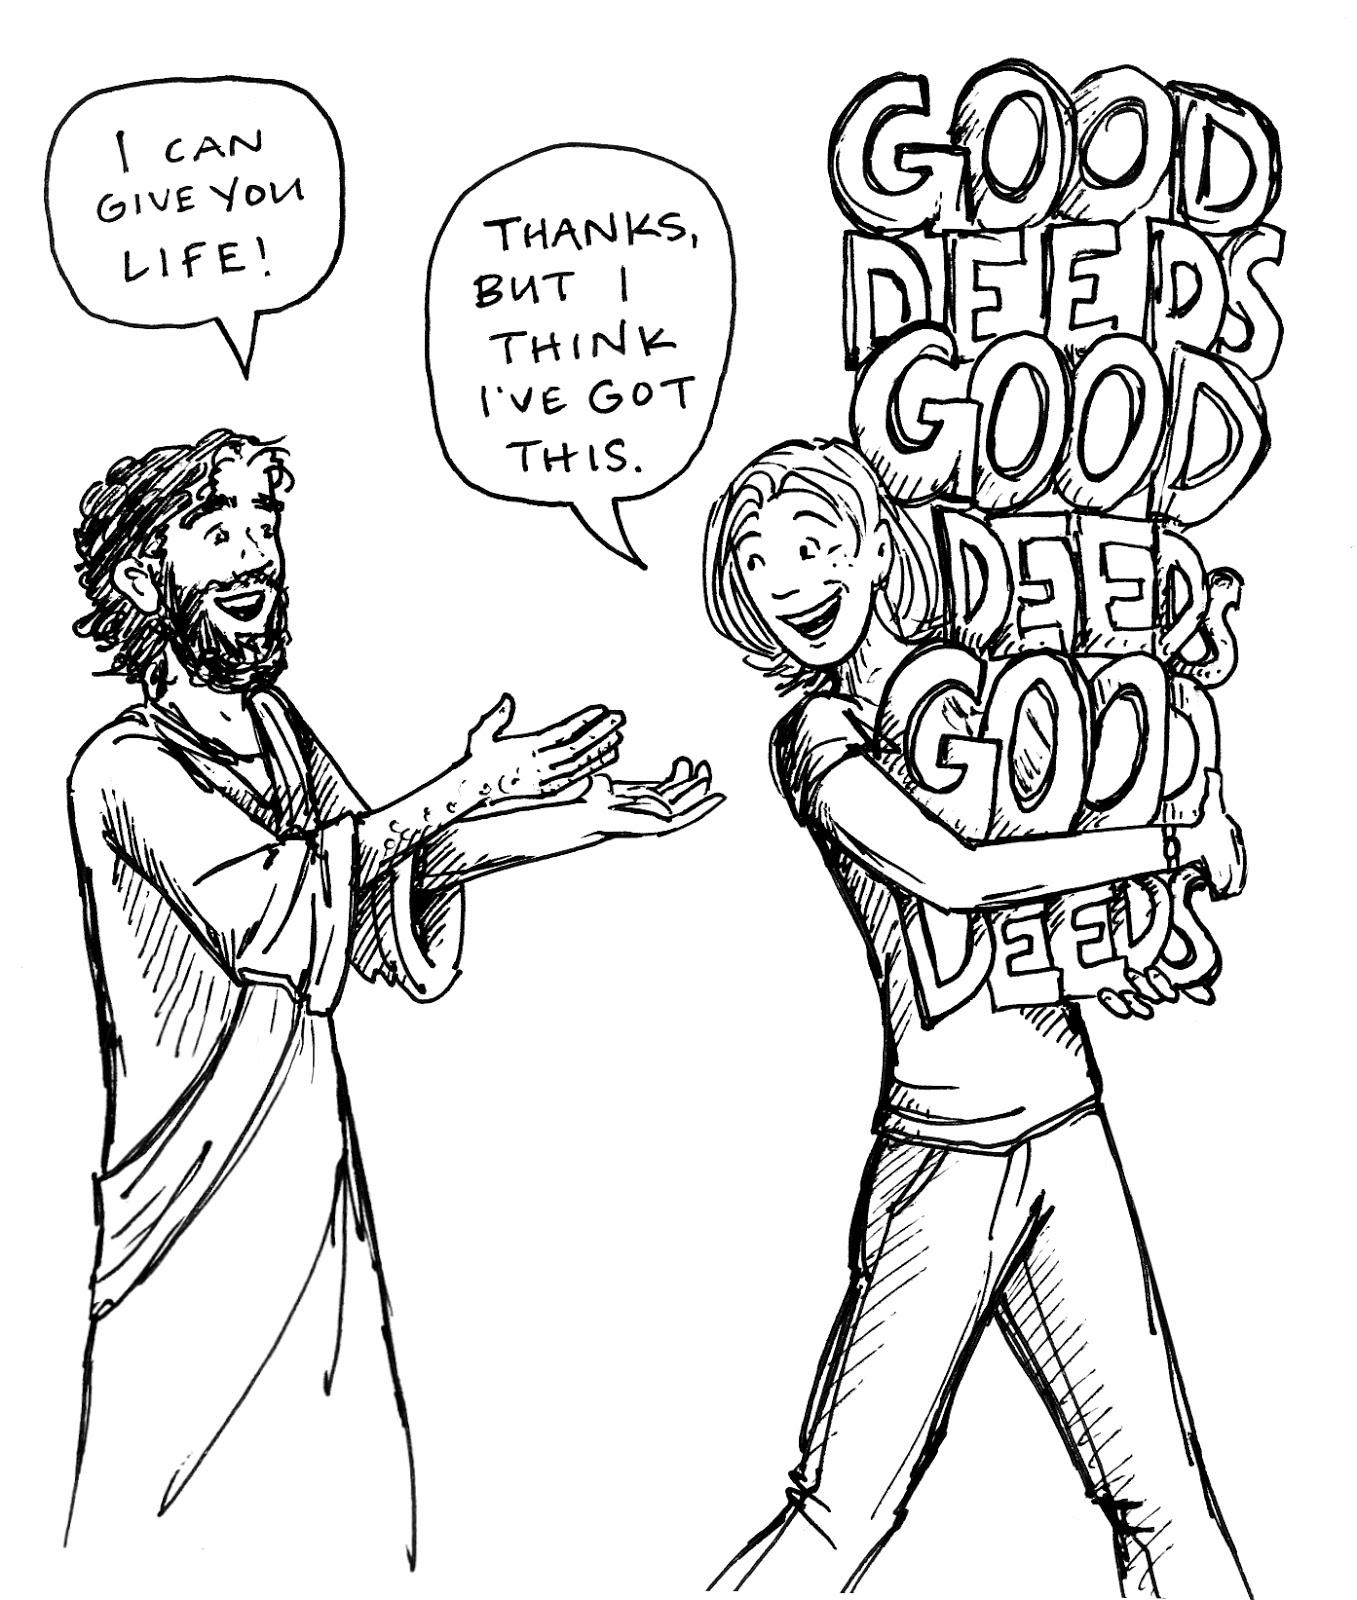 Bad deeds clip art.